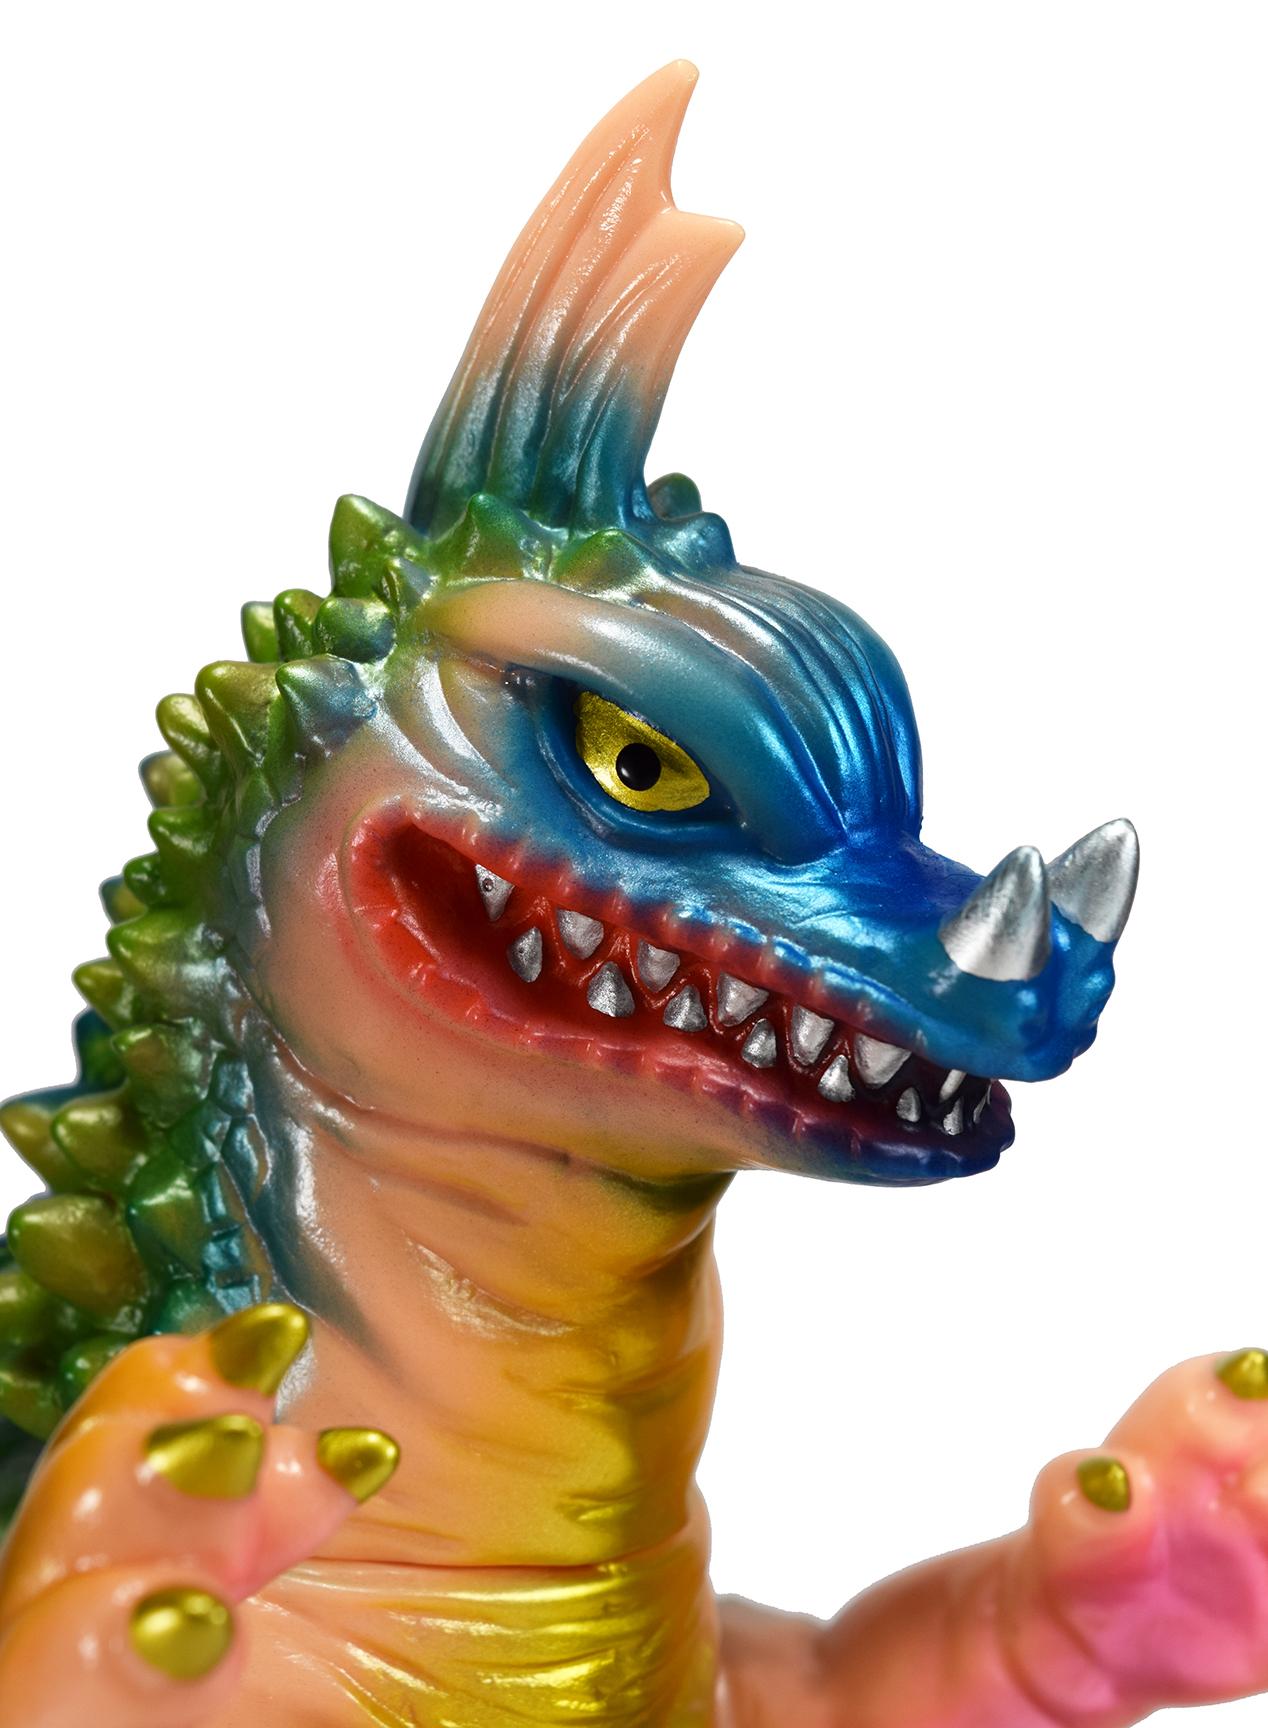 Kaiju Axron Mark Nagata flesh micro run